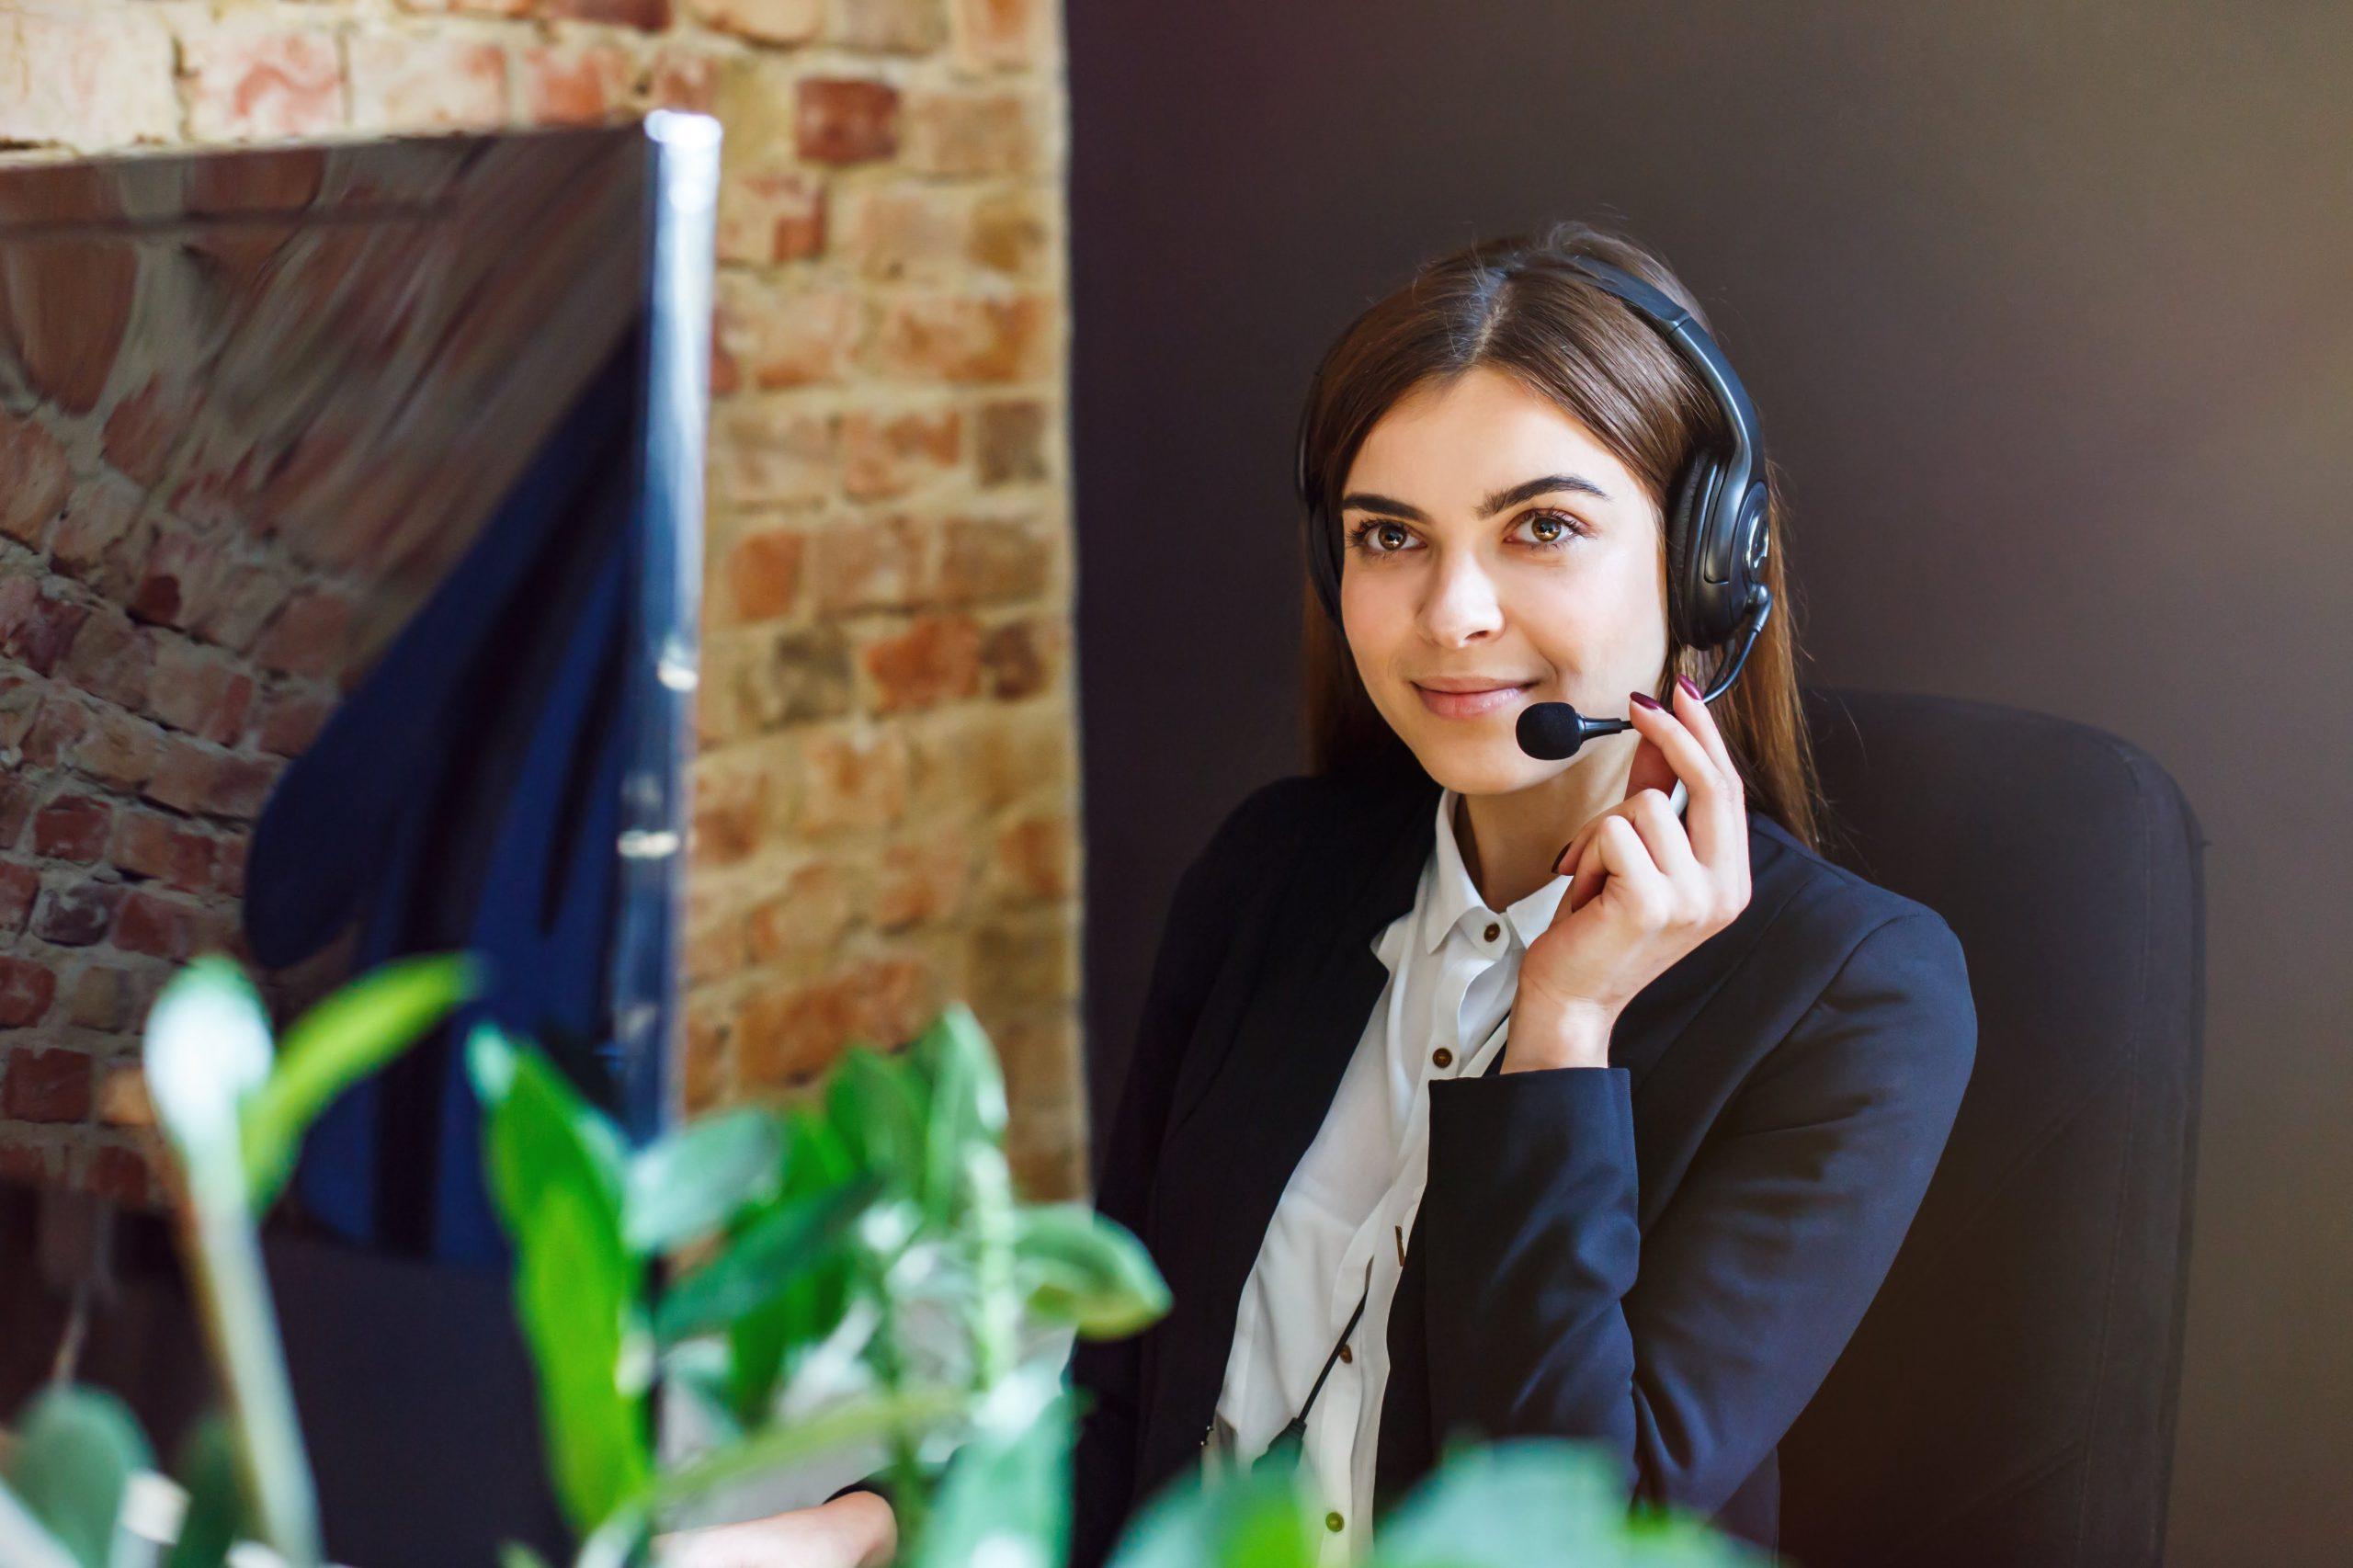 Chăm sóc khách hàng và khuyến mãi của sàn Sfuture Tech